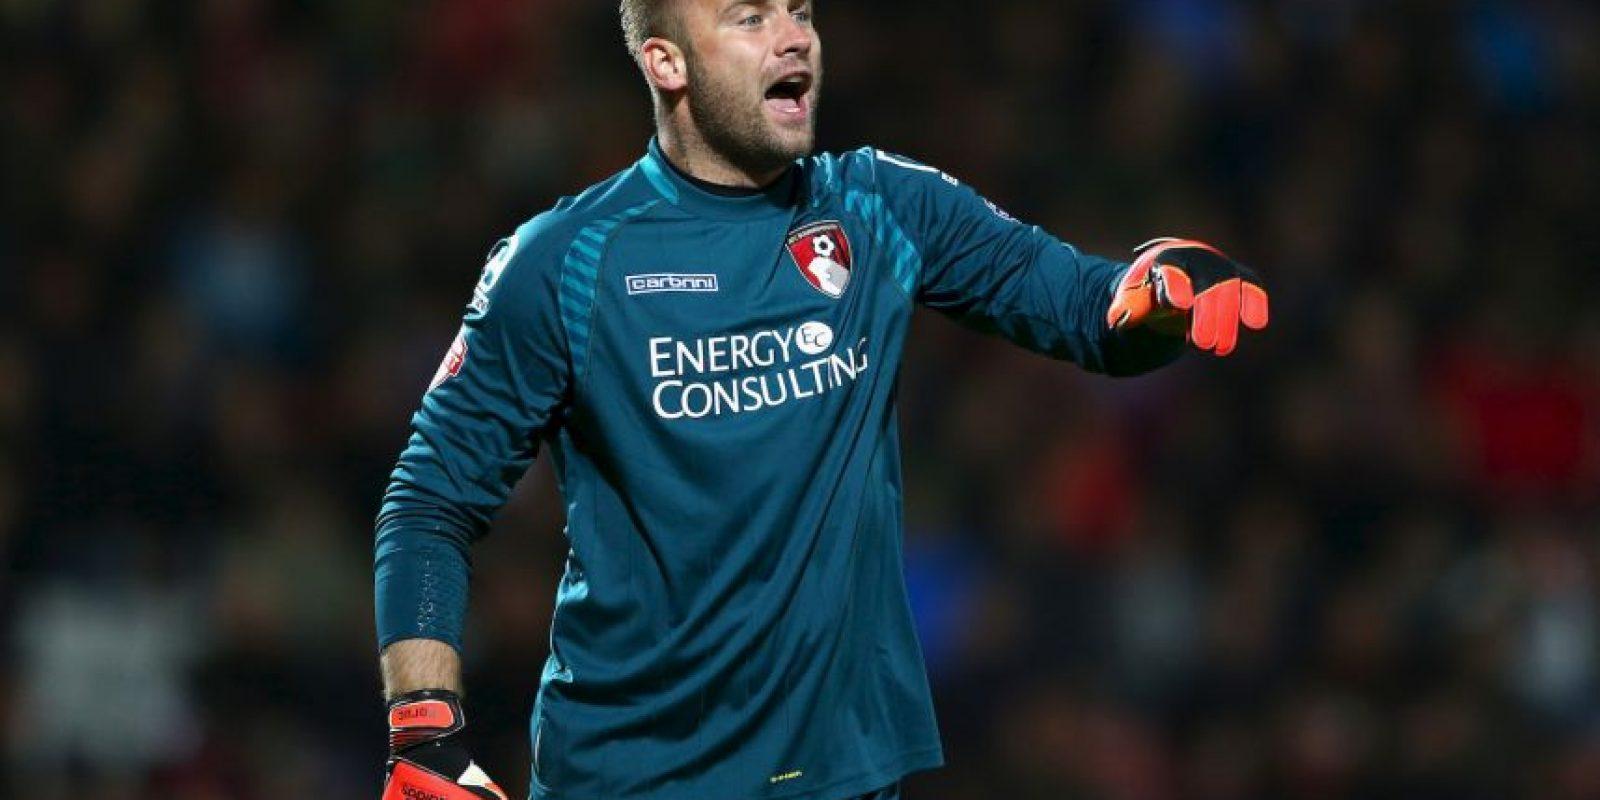 Artur Boruc es portero del Southampton de la Premier League y la Selección de Polonia; él pesa 89 kilos Foto:Getty